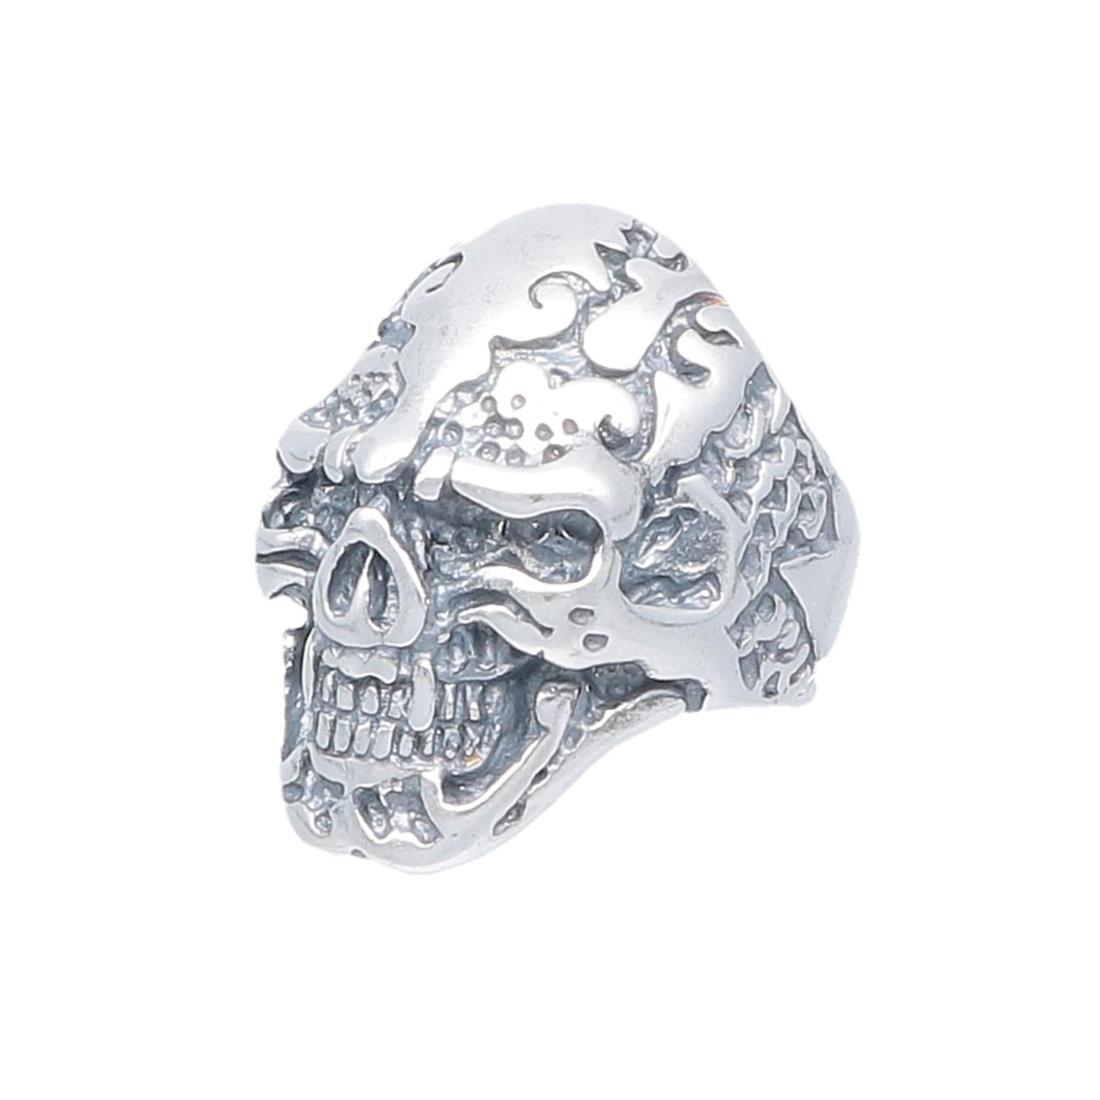 Anello uomo in argento design teschio - ORO&CO 925